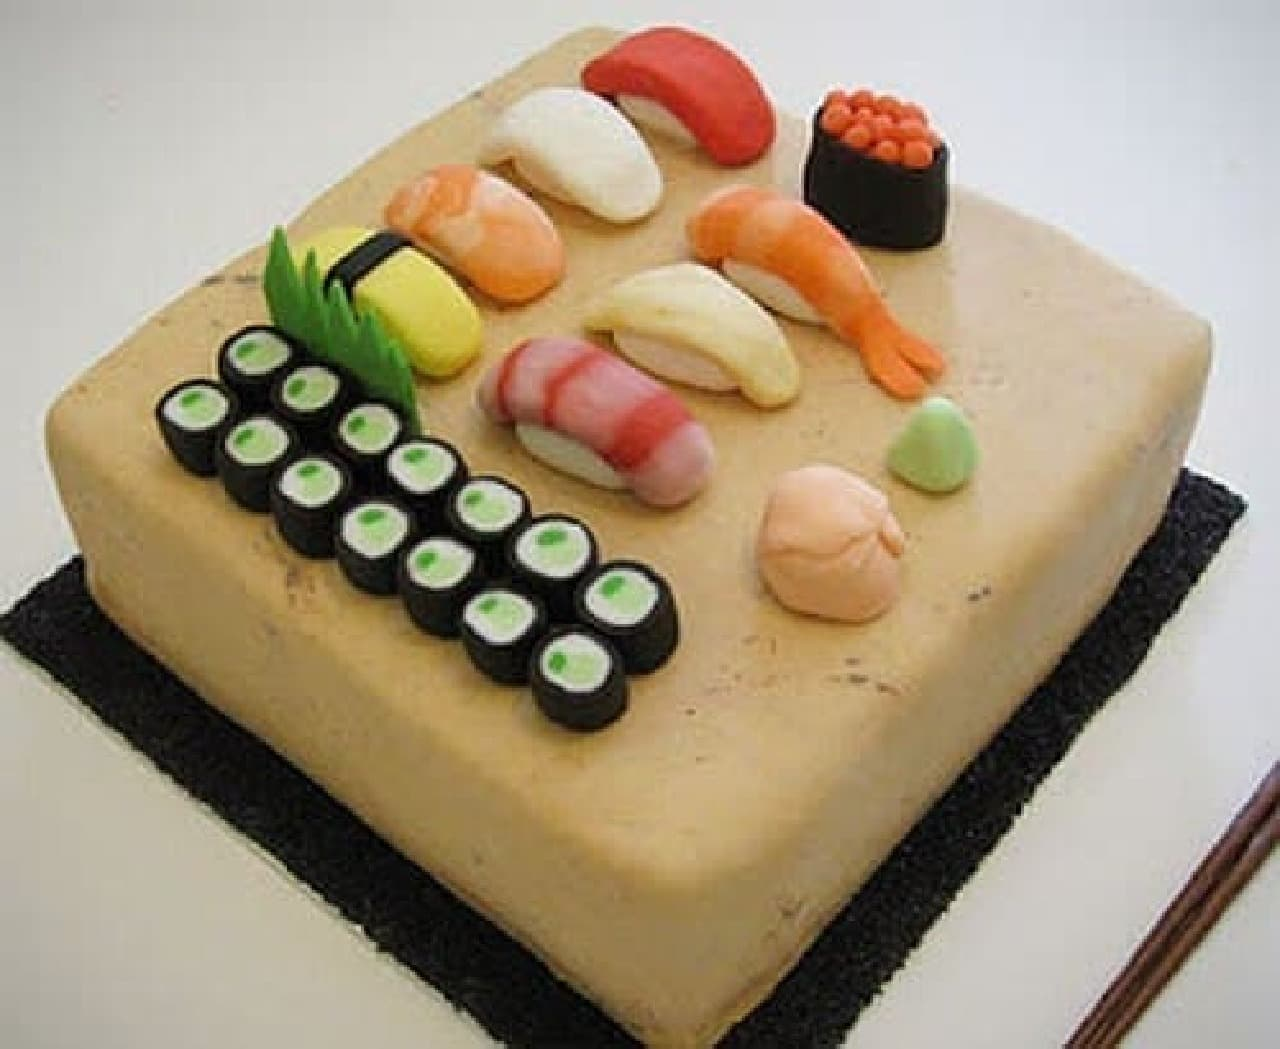 特注ケーキの例1:お寿司が好きな人向け?